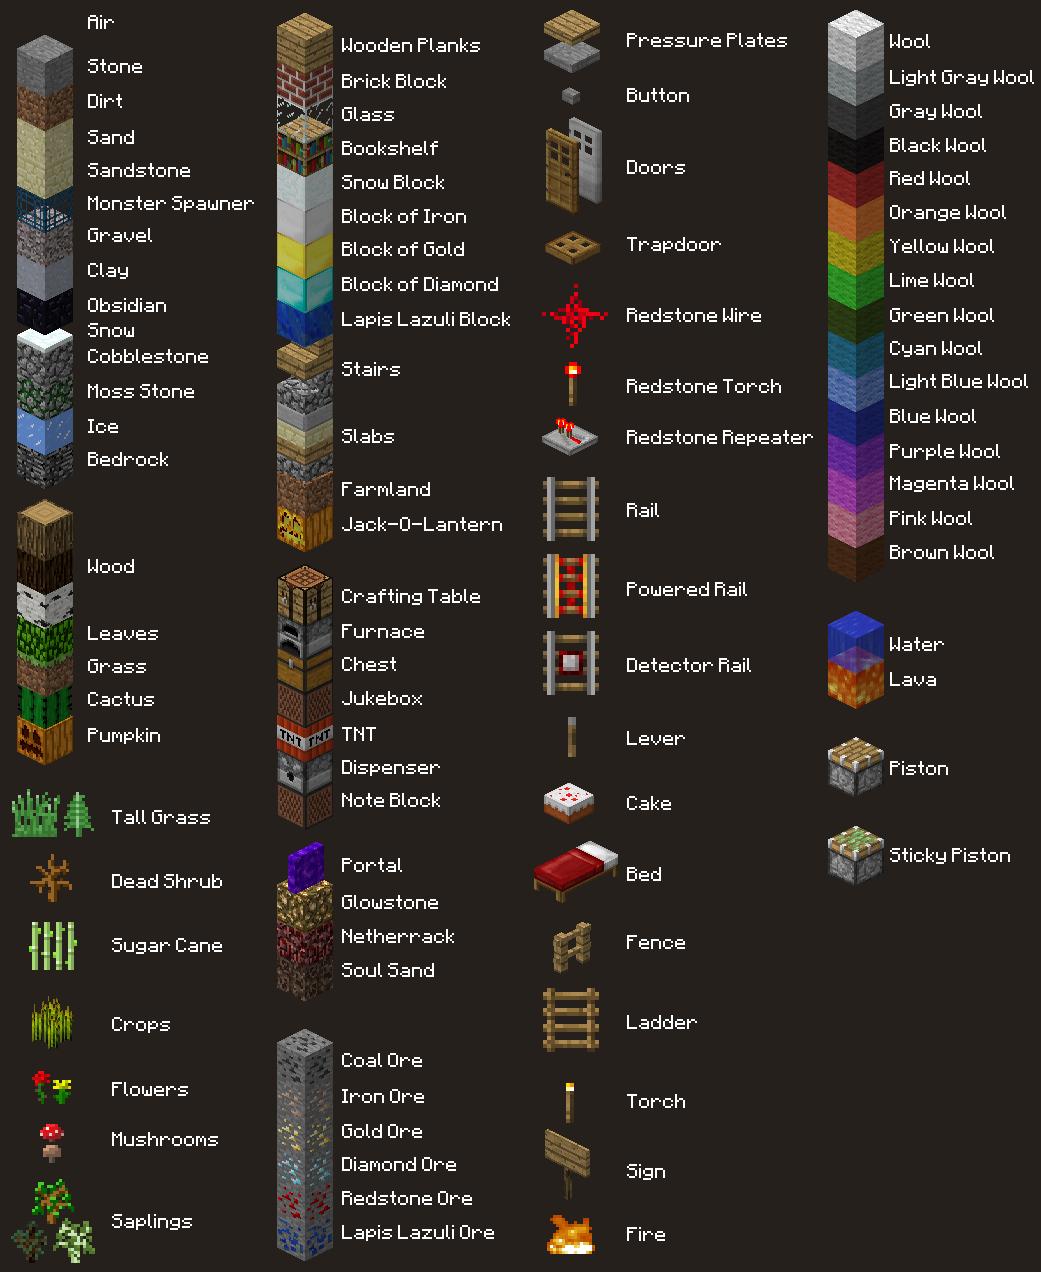 название всех предметов в майнкрафт #3